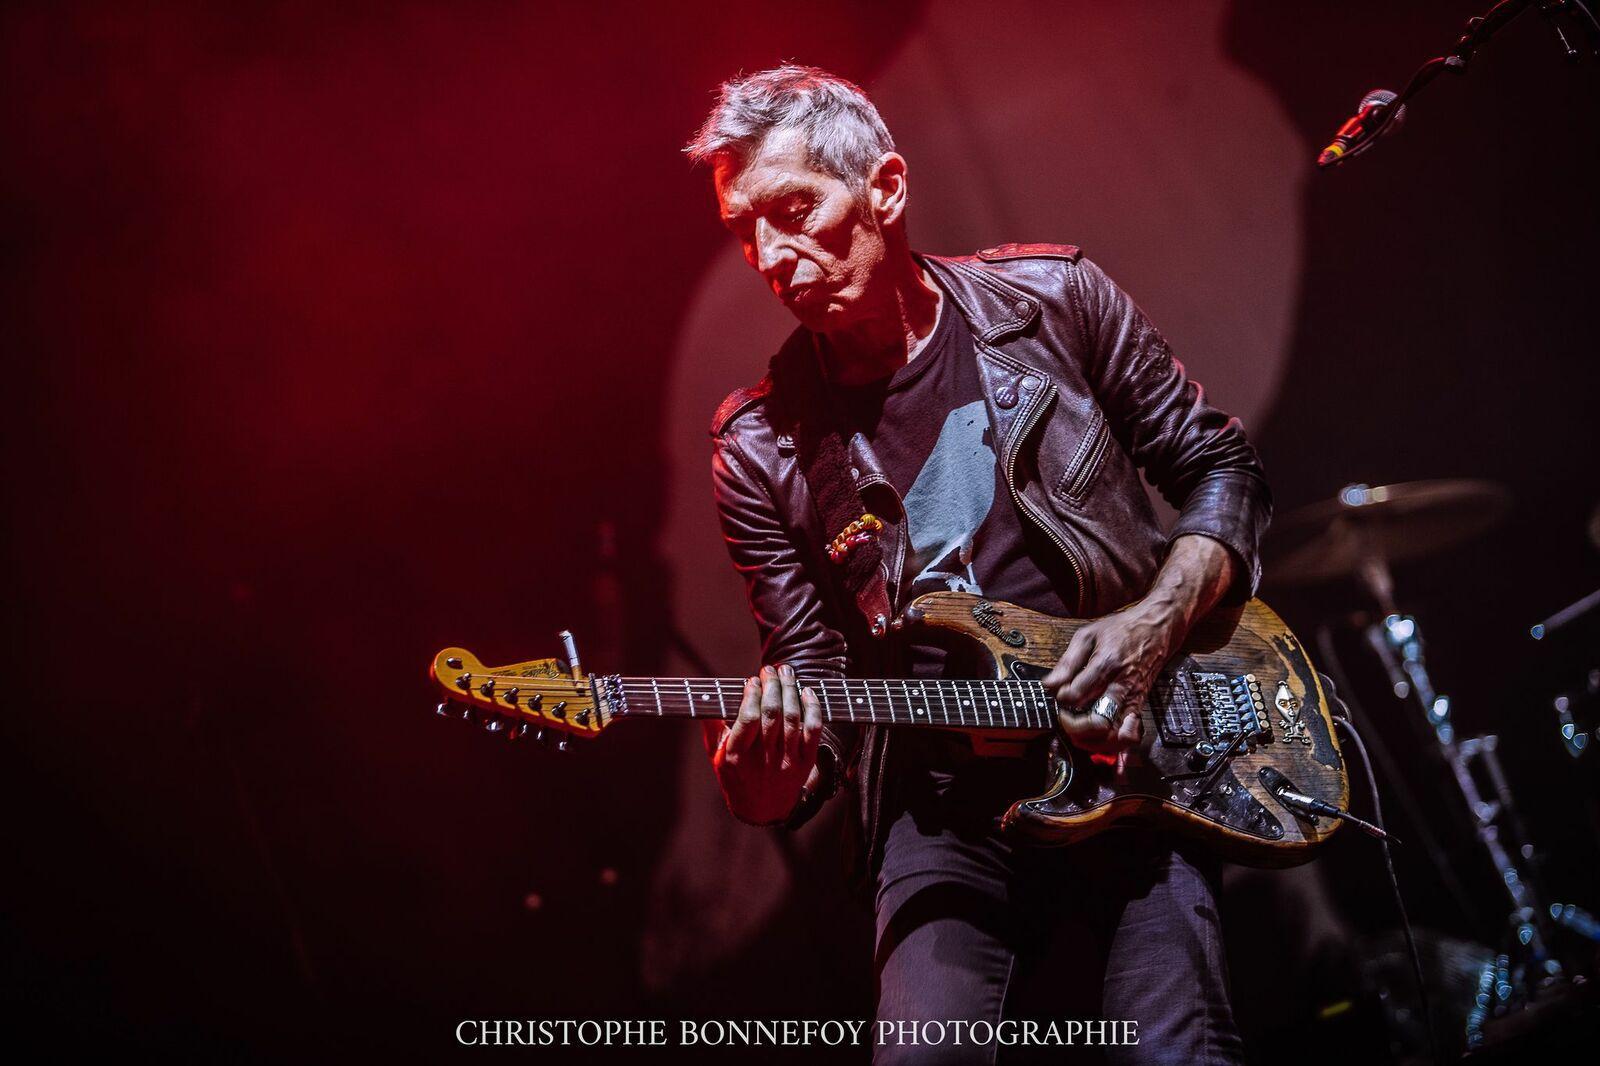 Crédit photo : CHRISTOPHE BONNEFOY